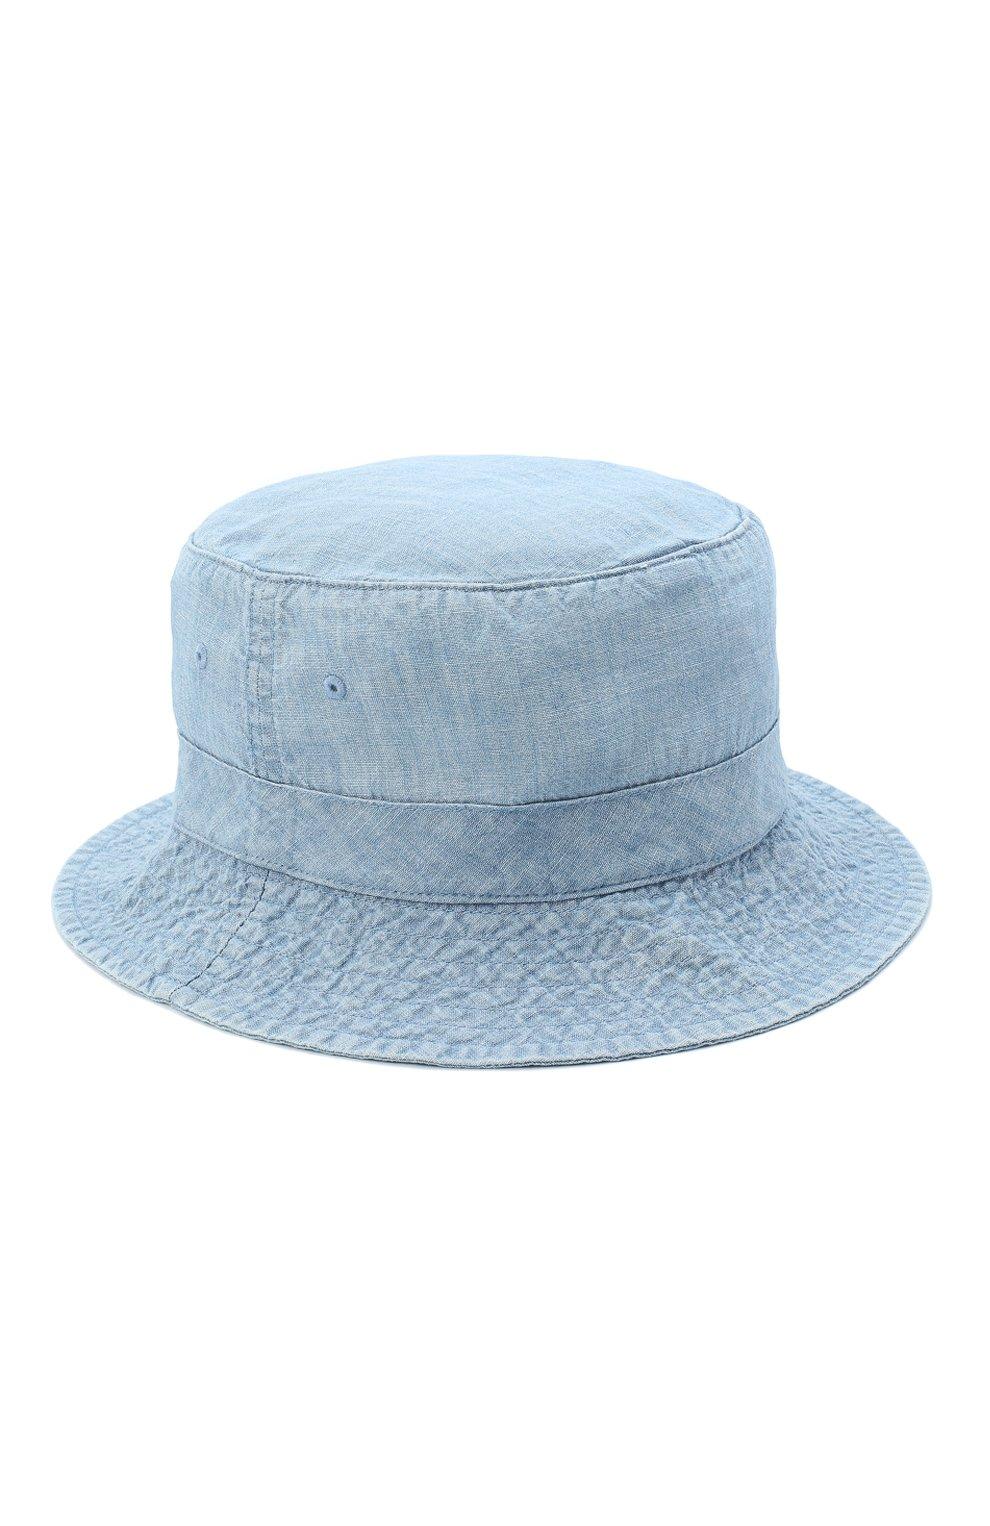 Мужская хлопковая панама POLO RALPH LAUREN голубого цвета, арт. 710798566 | Фото 2